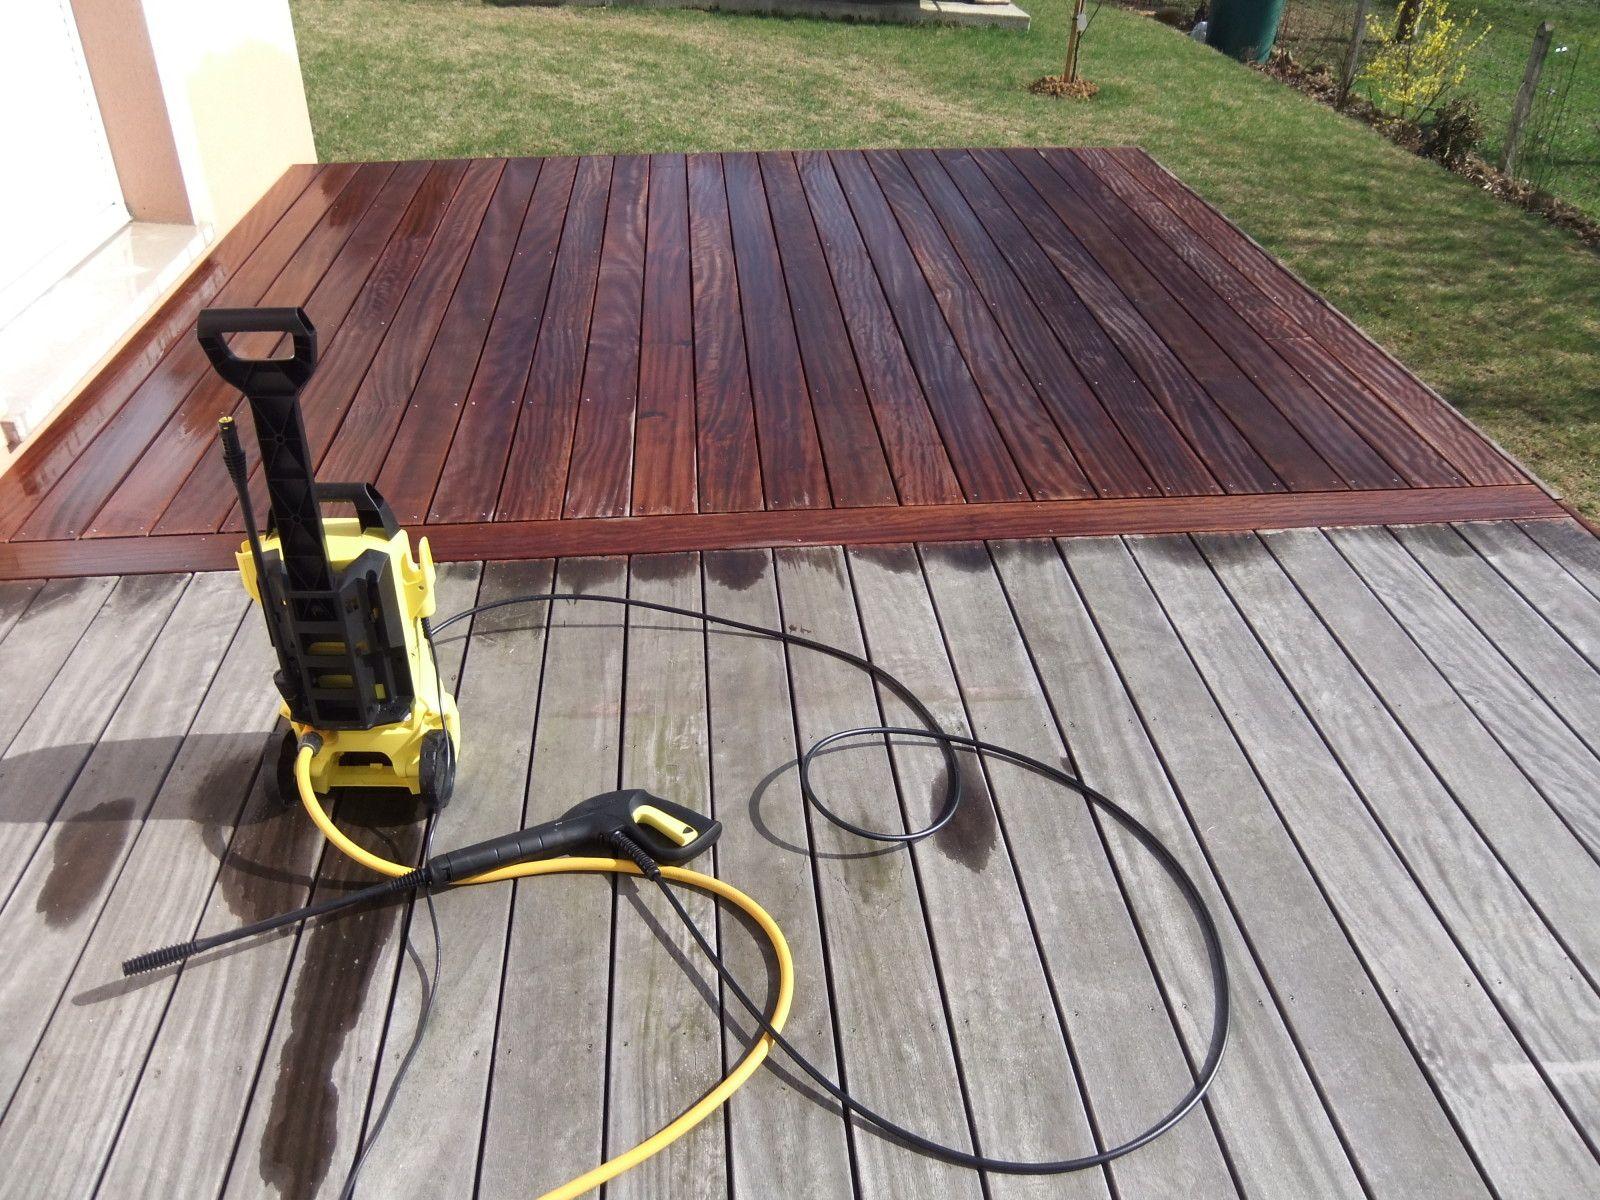 Percarbonate De Sodium Pour Terrasse Bois album photo - terrasse en bois surélevée. en 2020 | nettoyer